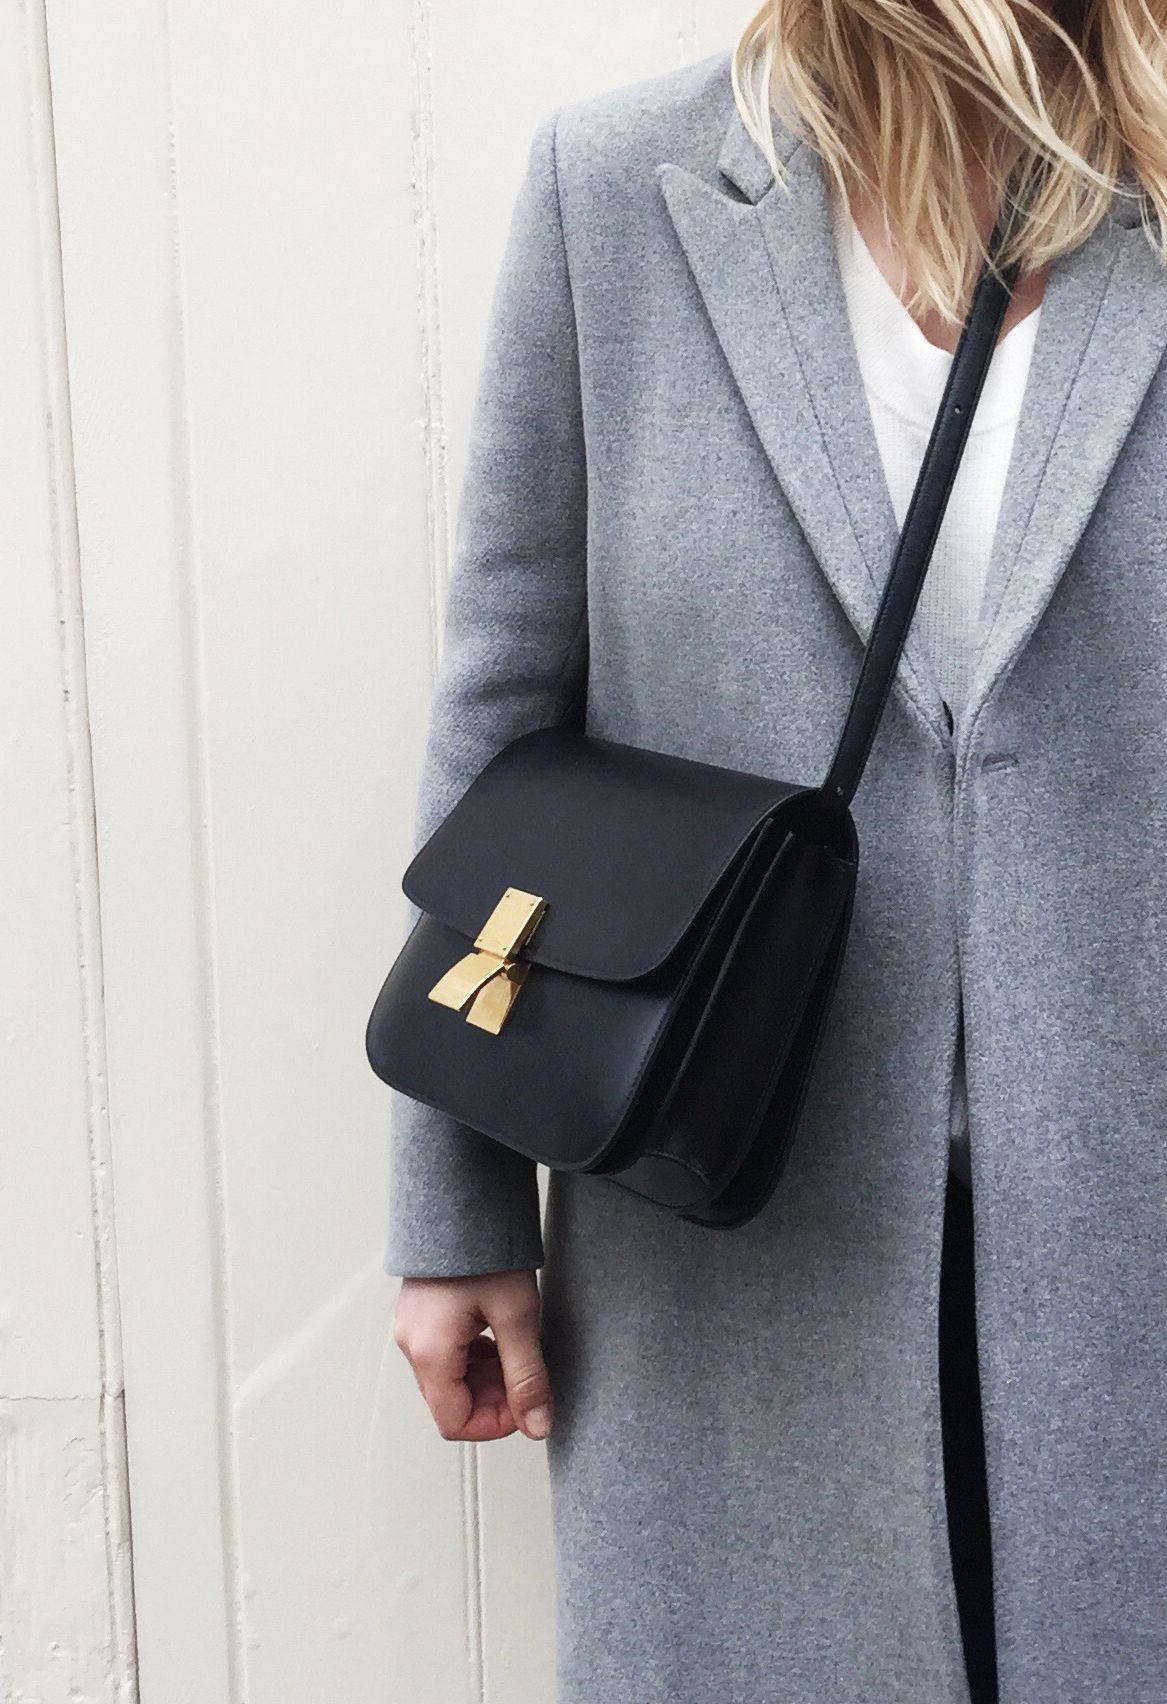 Céline Box Bag | The Finer Details